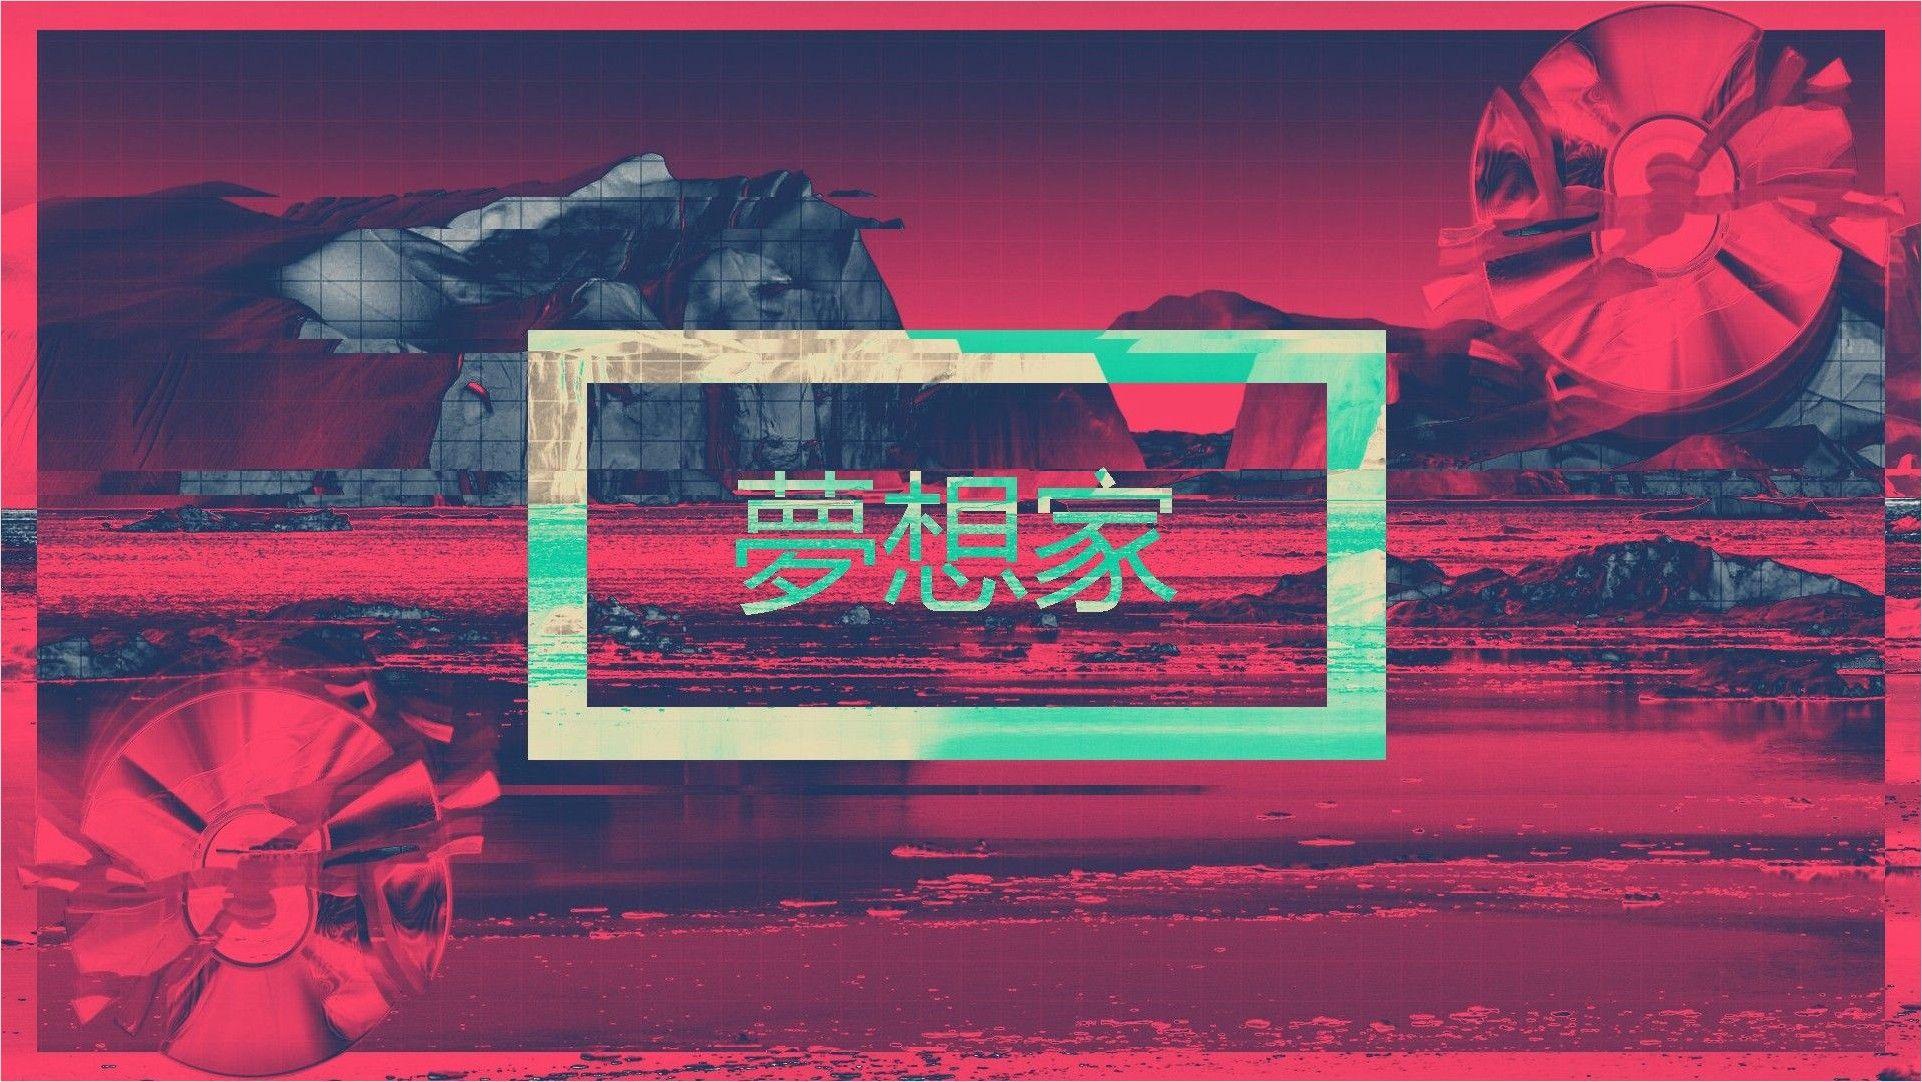 4k 3840×2160 Vaporwave Japanese Text Wallpaper in 2020